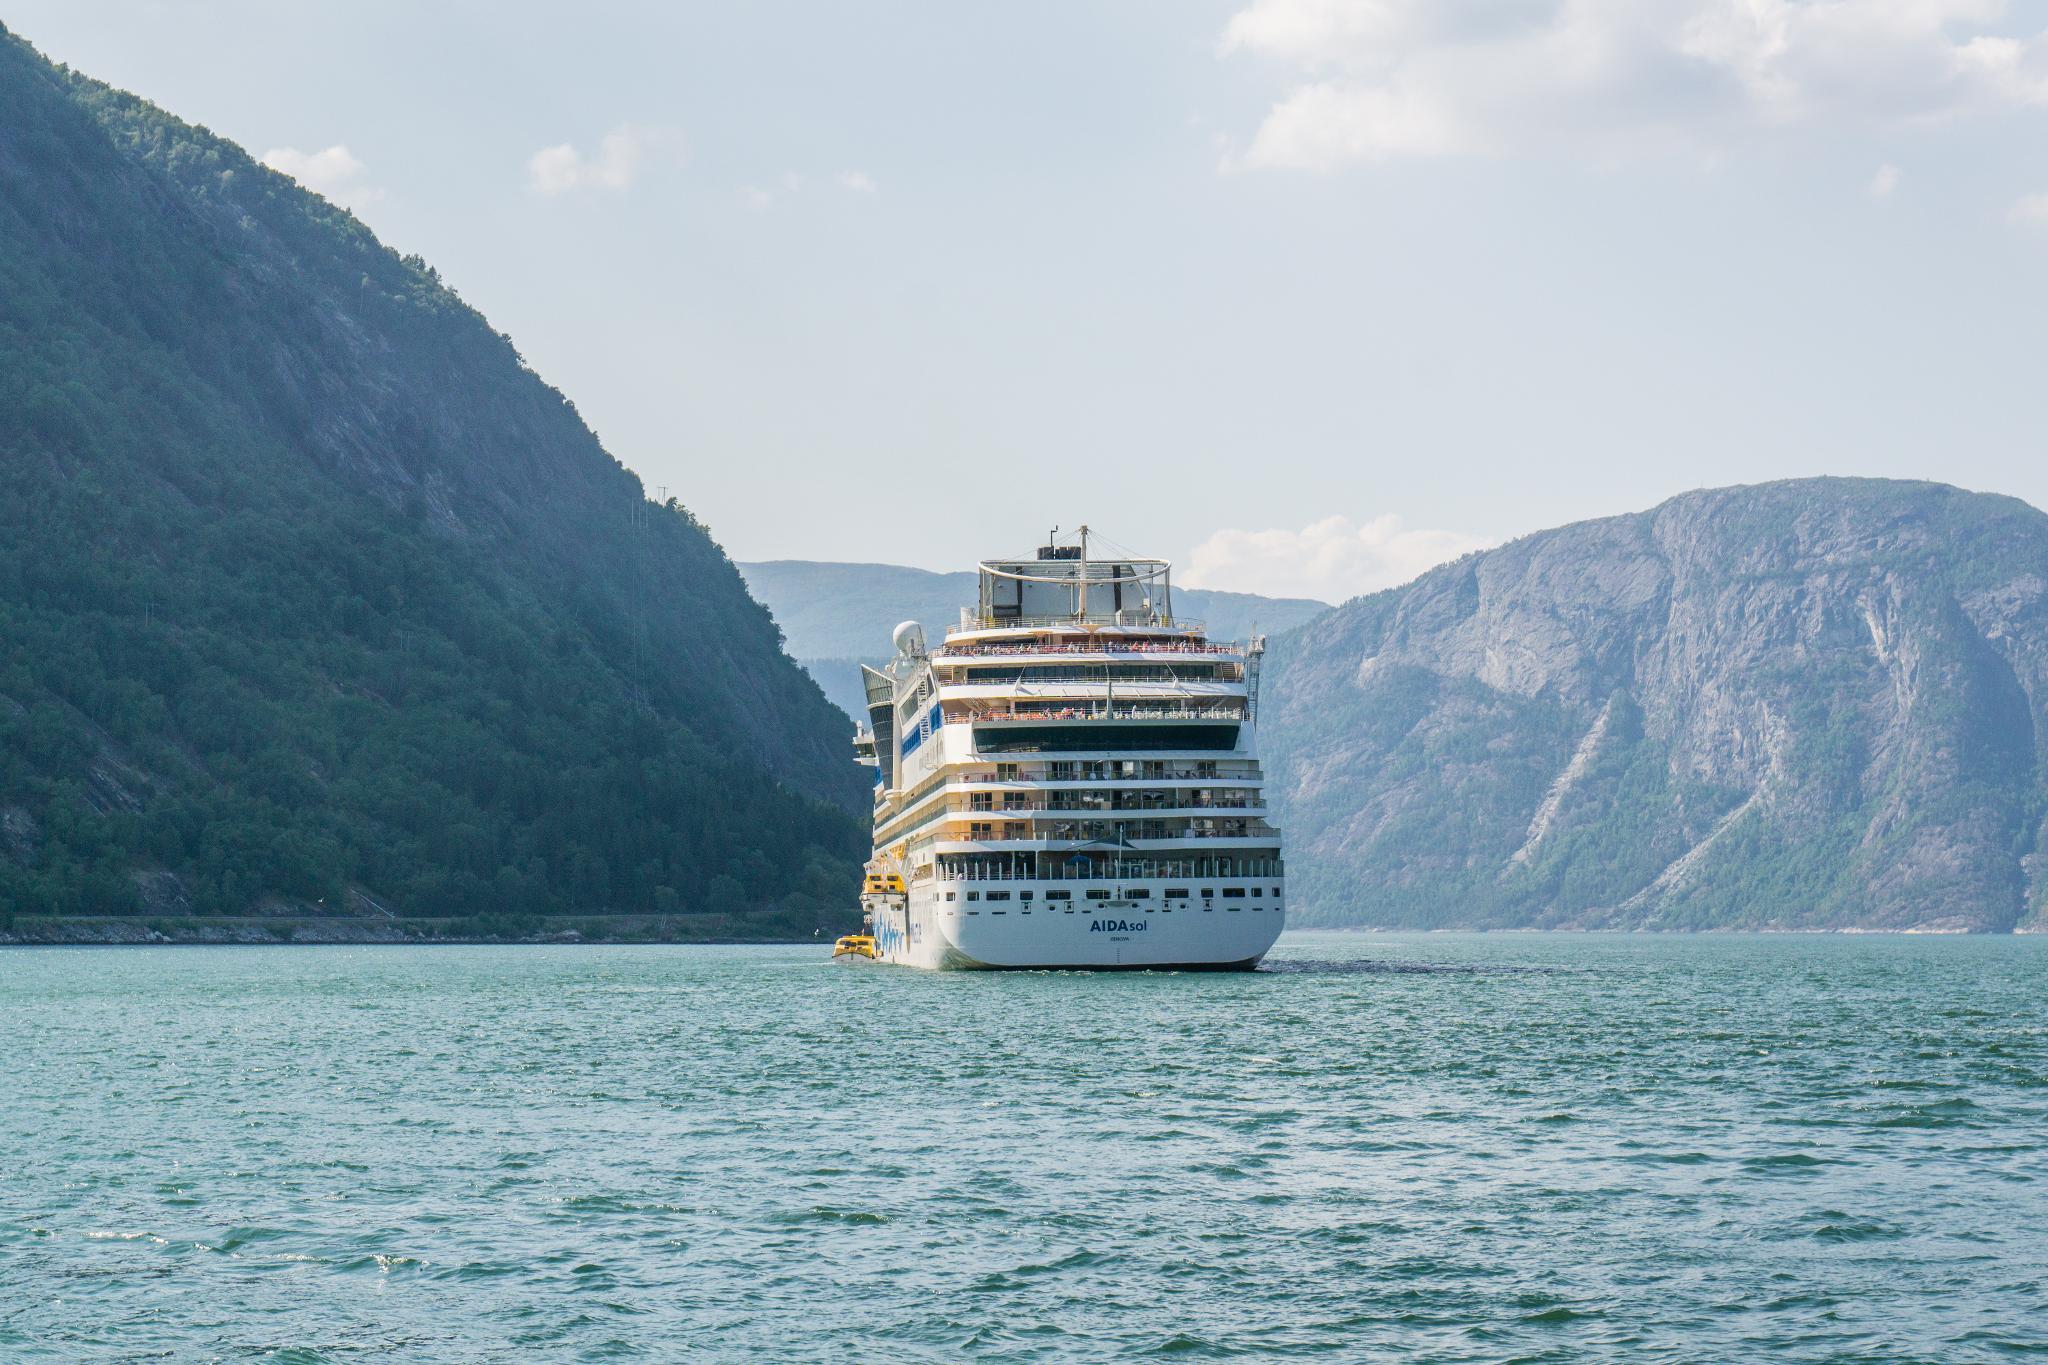 【北歐景點】哈丹格峽灣探秘:Eidfjord小鎮的無限風光 11